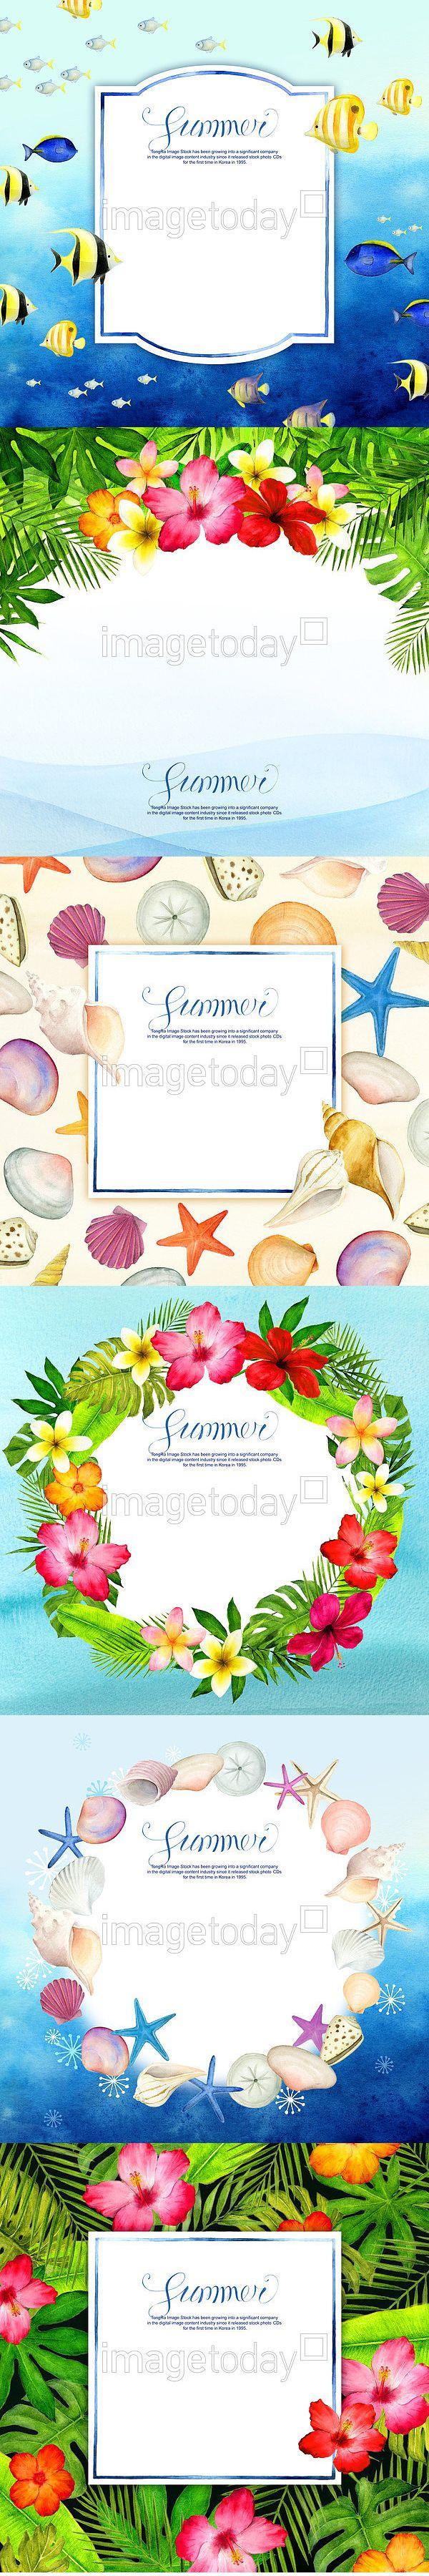 일러스트 일러스트레이션 일러스트레이터 드로잉 계절 꽃 백그라운드 불가사리 블루 사람없음 소라껍데기 수채화 식물 여름 여름방학 여행 원형…